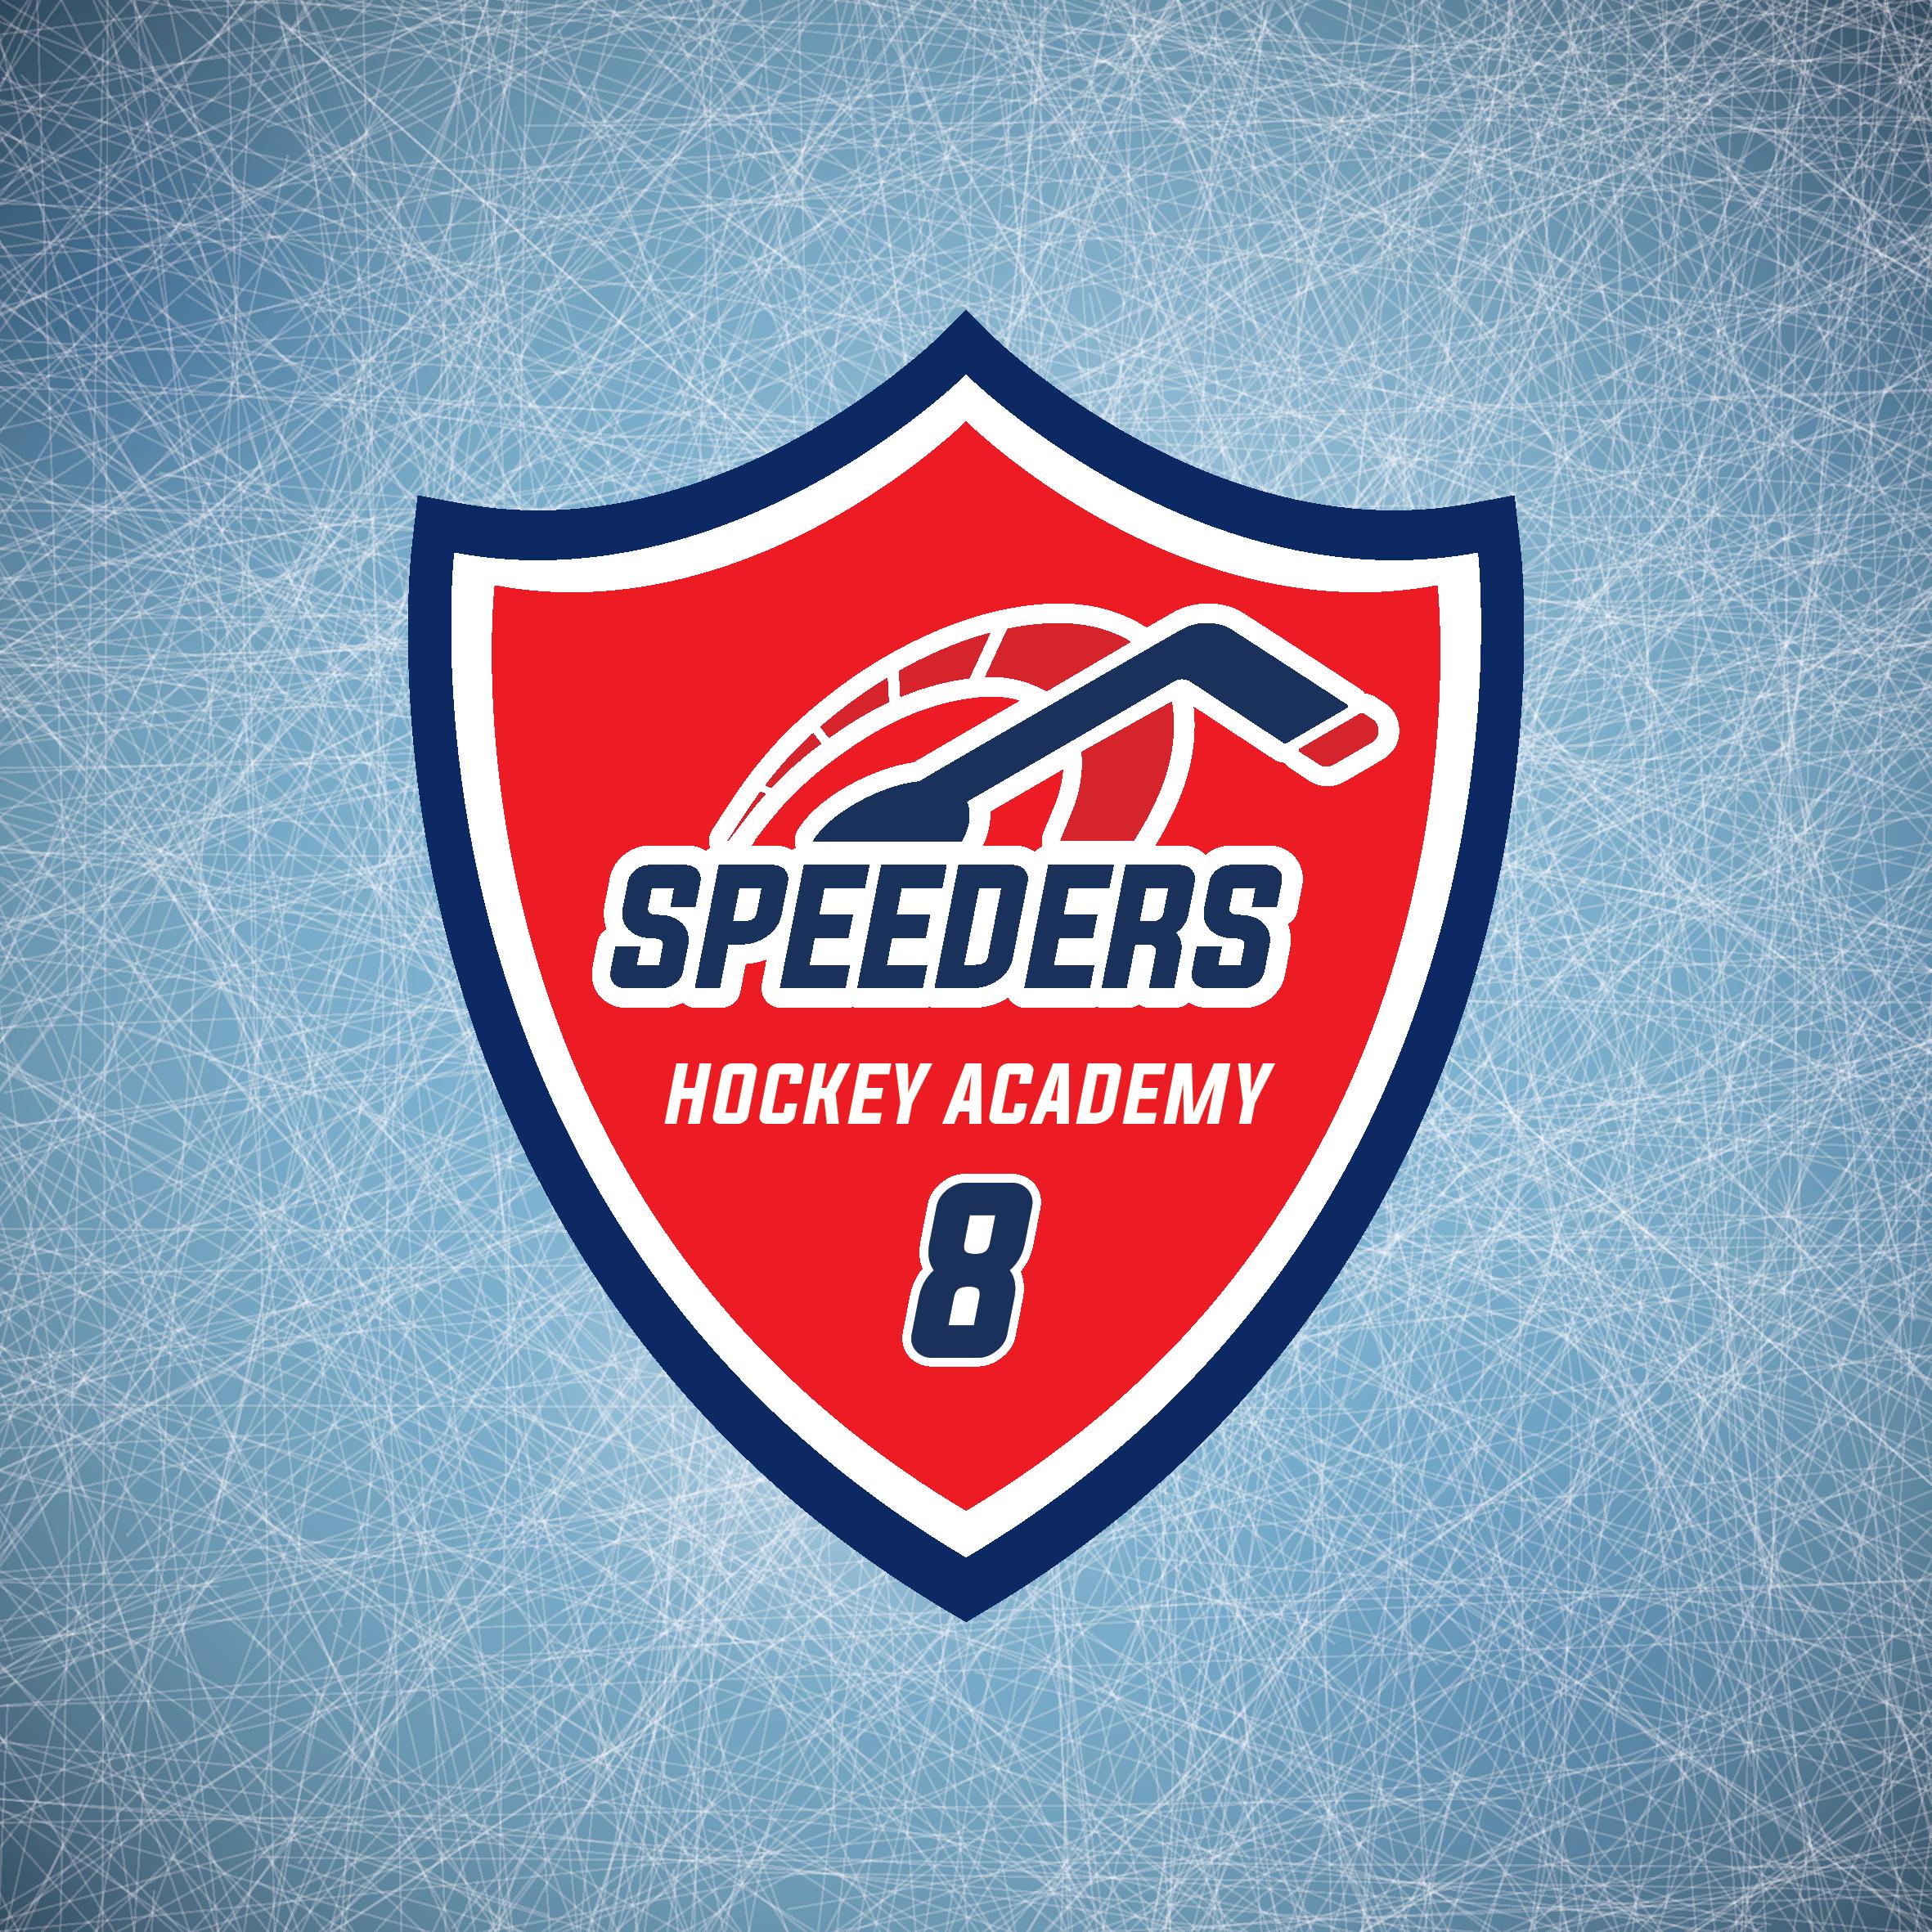 8_2018 speeders stity4